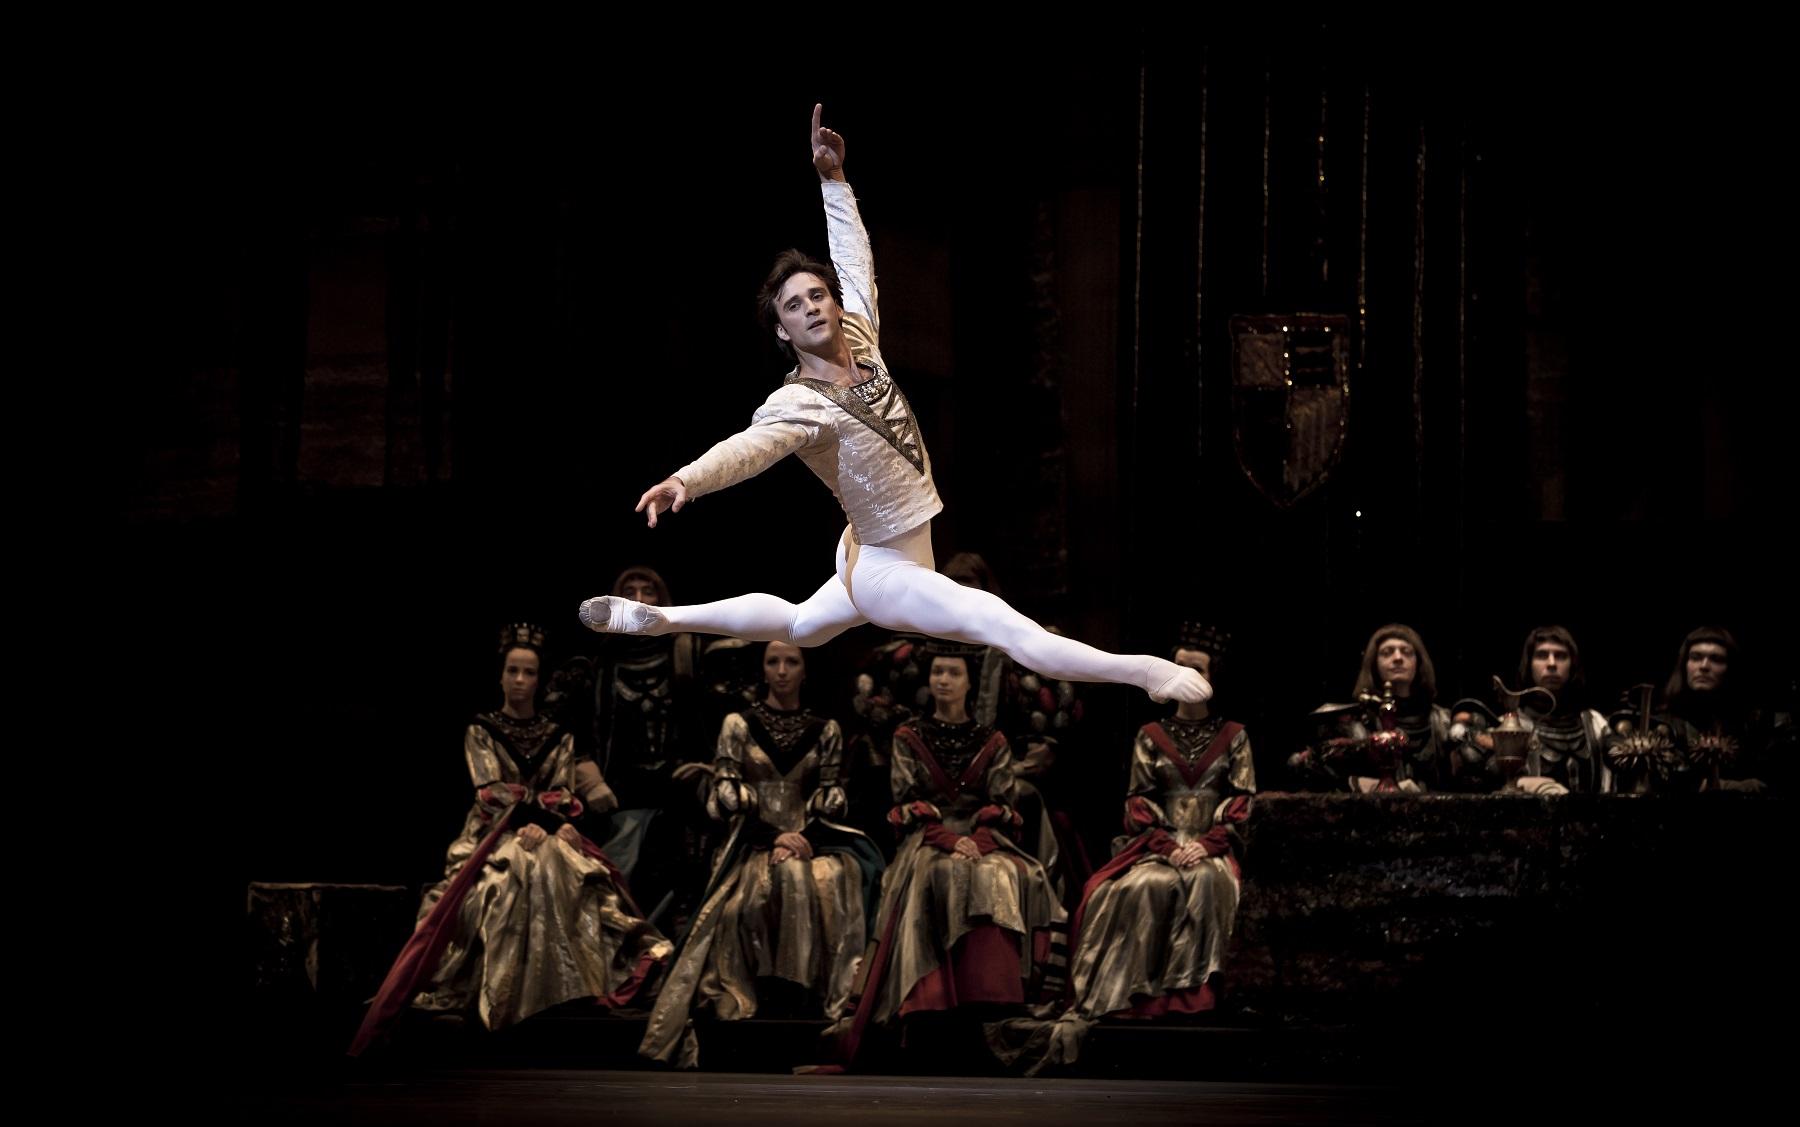 Black Swan - Ο Μαύρος Κύκνος με κορυφαίους χορευτές των μπαλέτων Μπολσόι και Μαριίνσκι